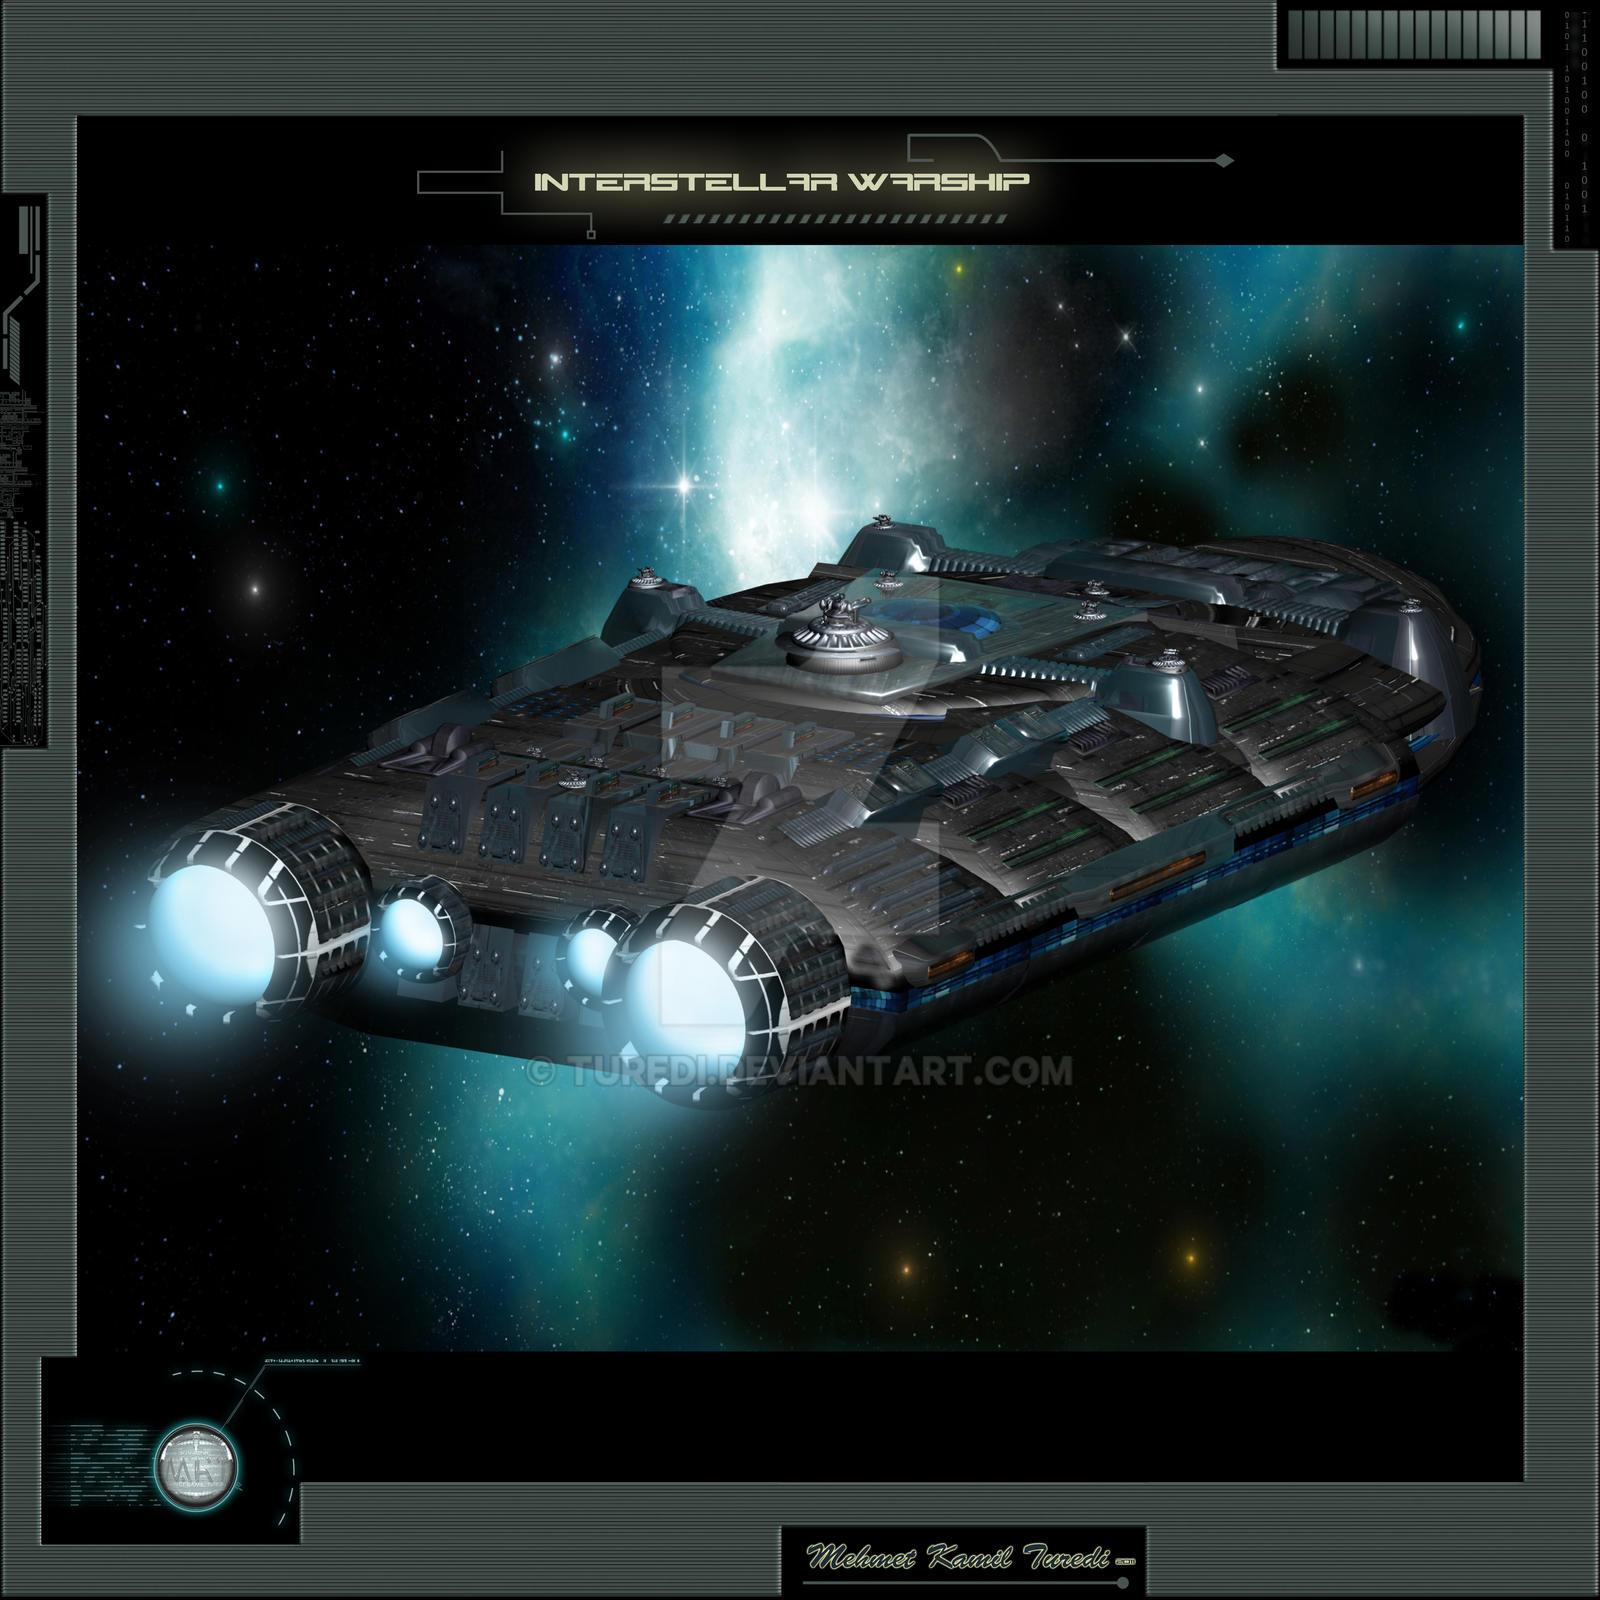 Interstellar Warship by Turedi